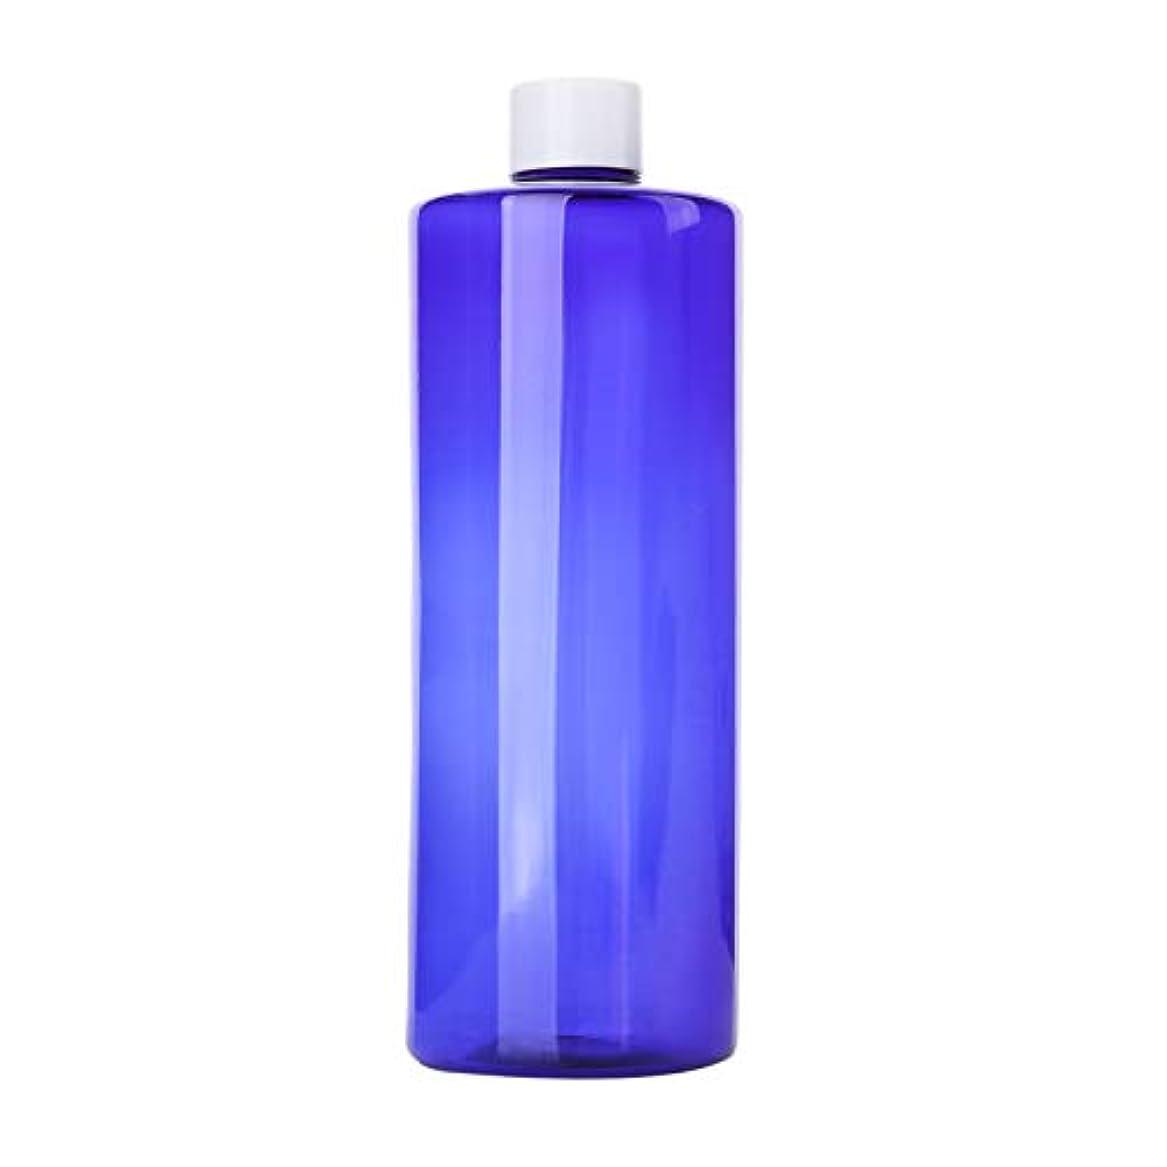 病院前中に1本 化粧品用 詰め替えボトル 詰め替え容器 大容量 500ml 中栓付き 使いやすい 化粧水用 シャンプー クリーム 貯蔵用 携帯用 空容器 おしゃれ 白ヘッド ブルー